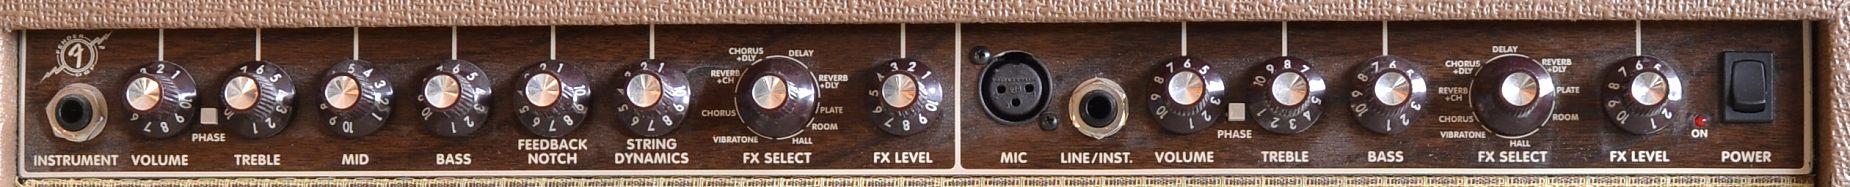 Fender_Acoustasonic JR DSP_used_panel